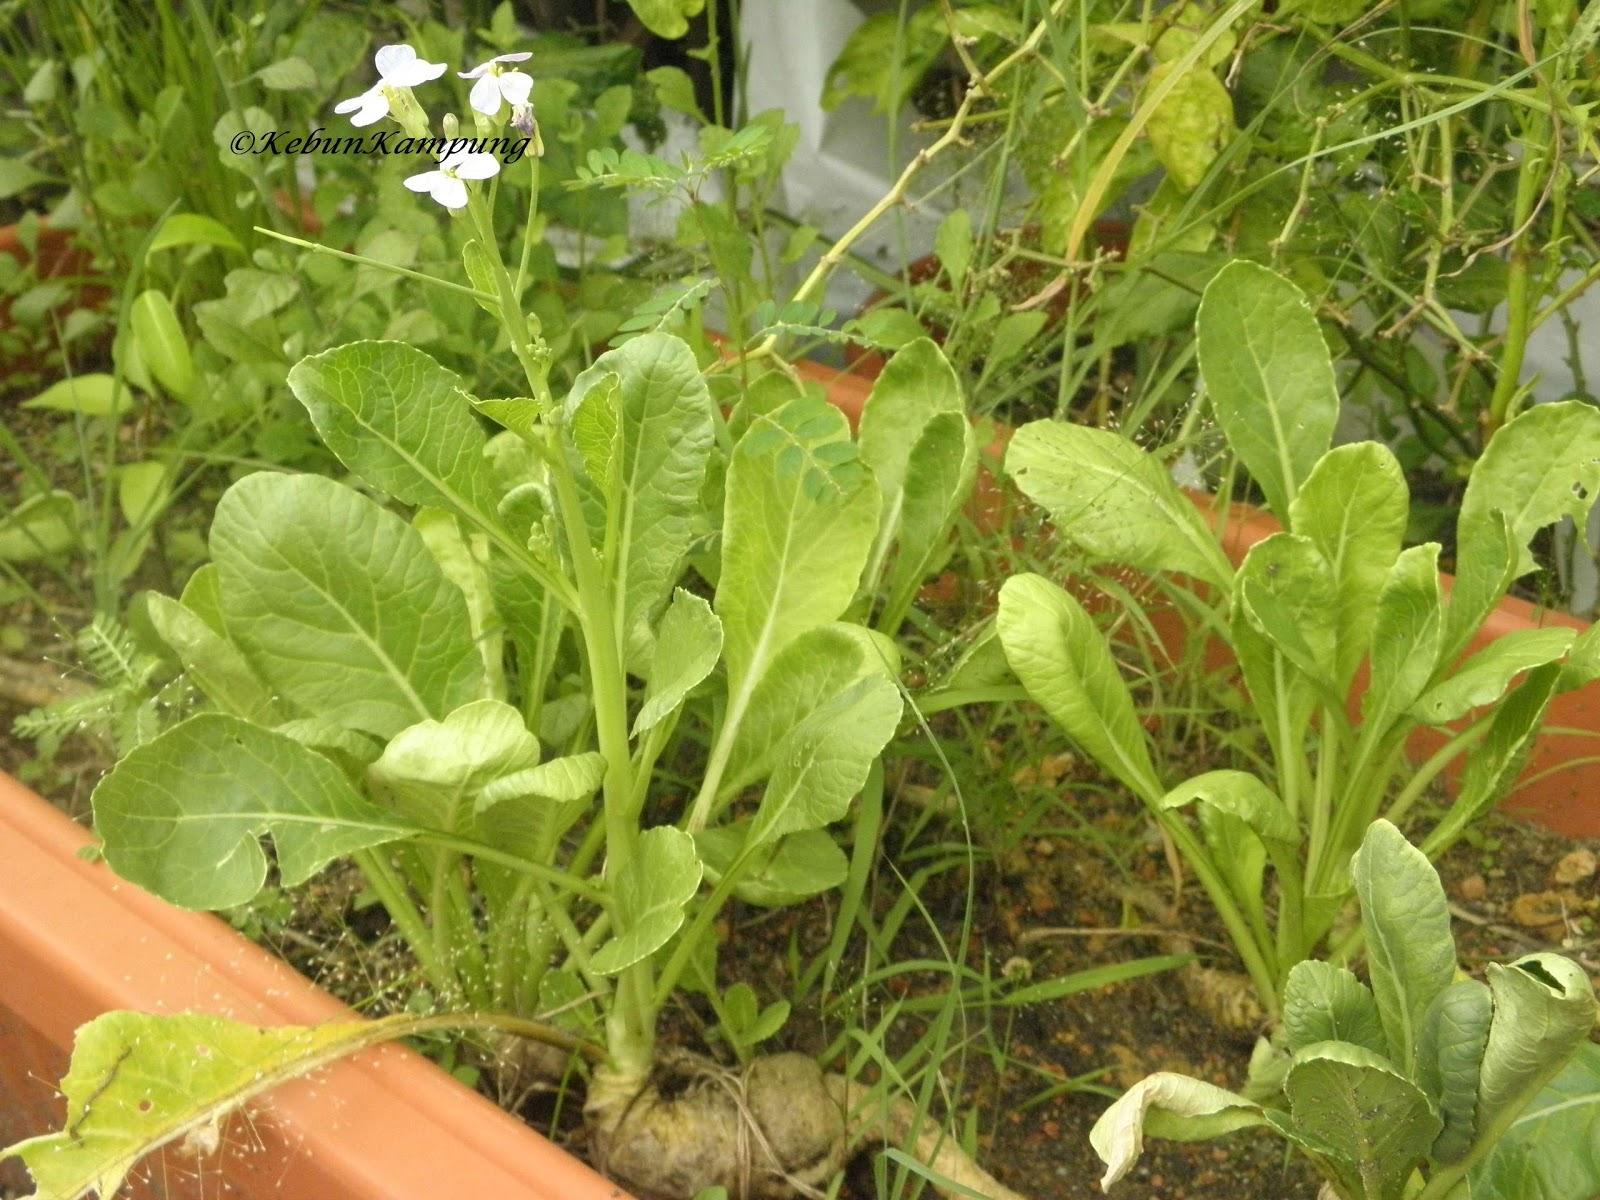 bunga lobak putih